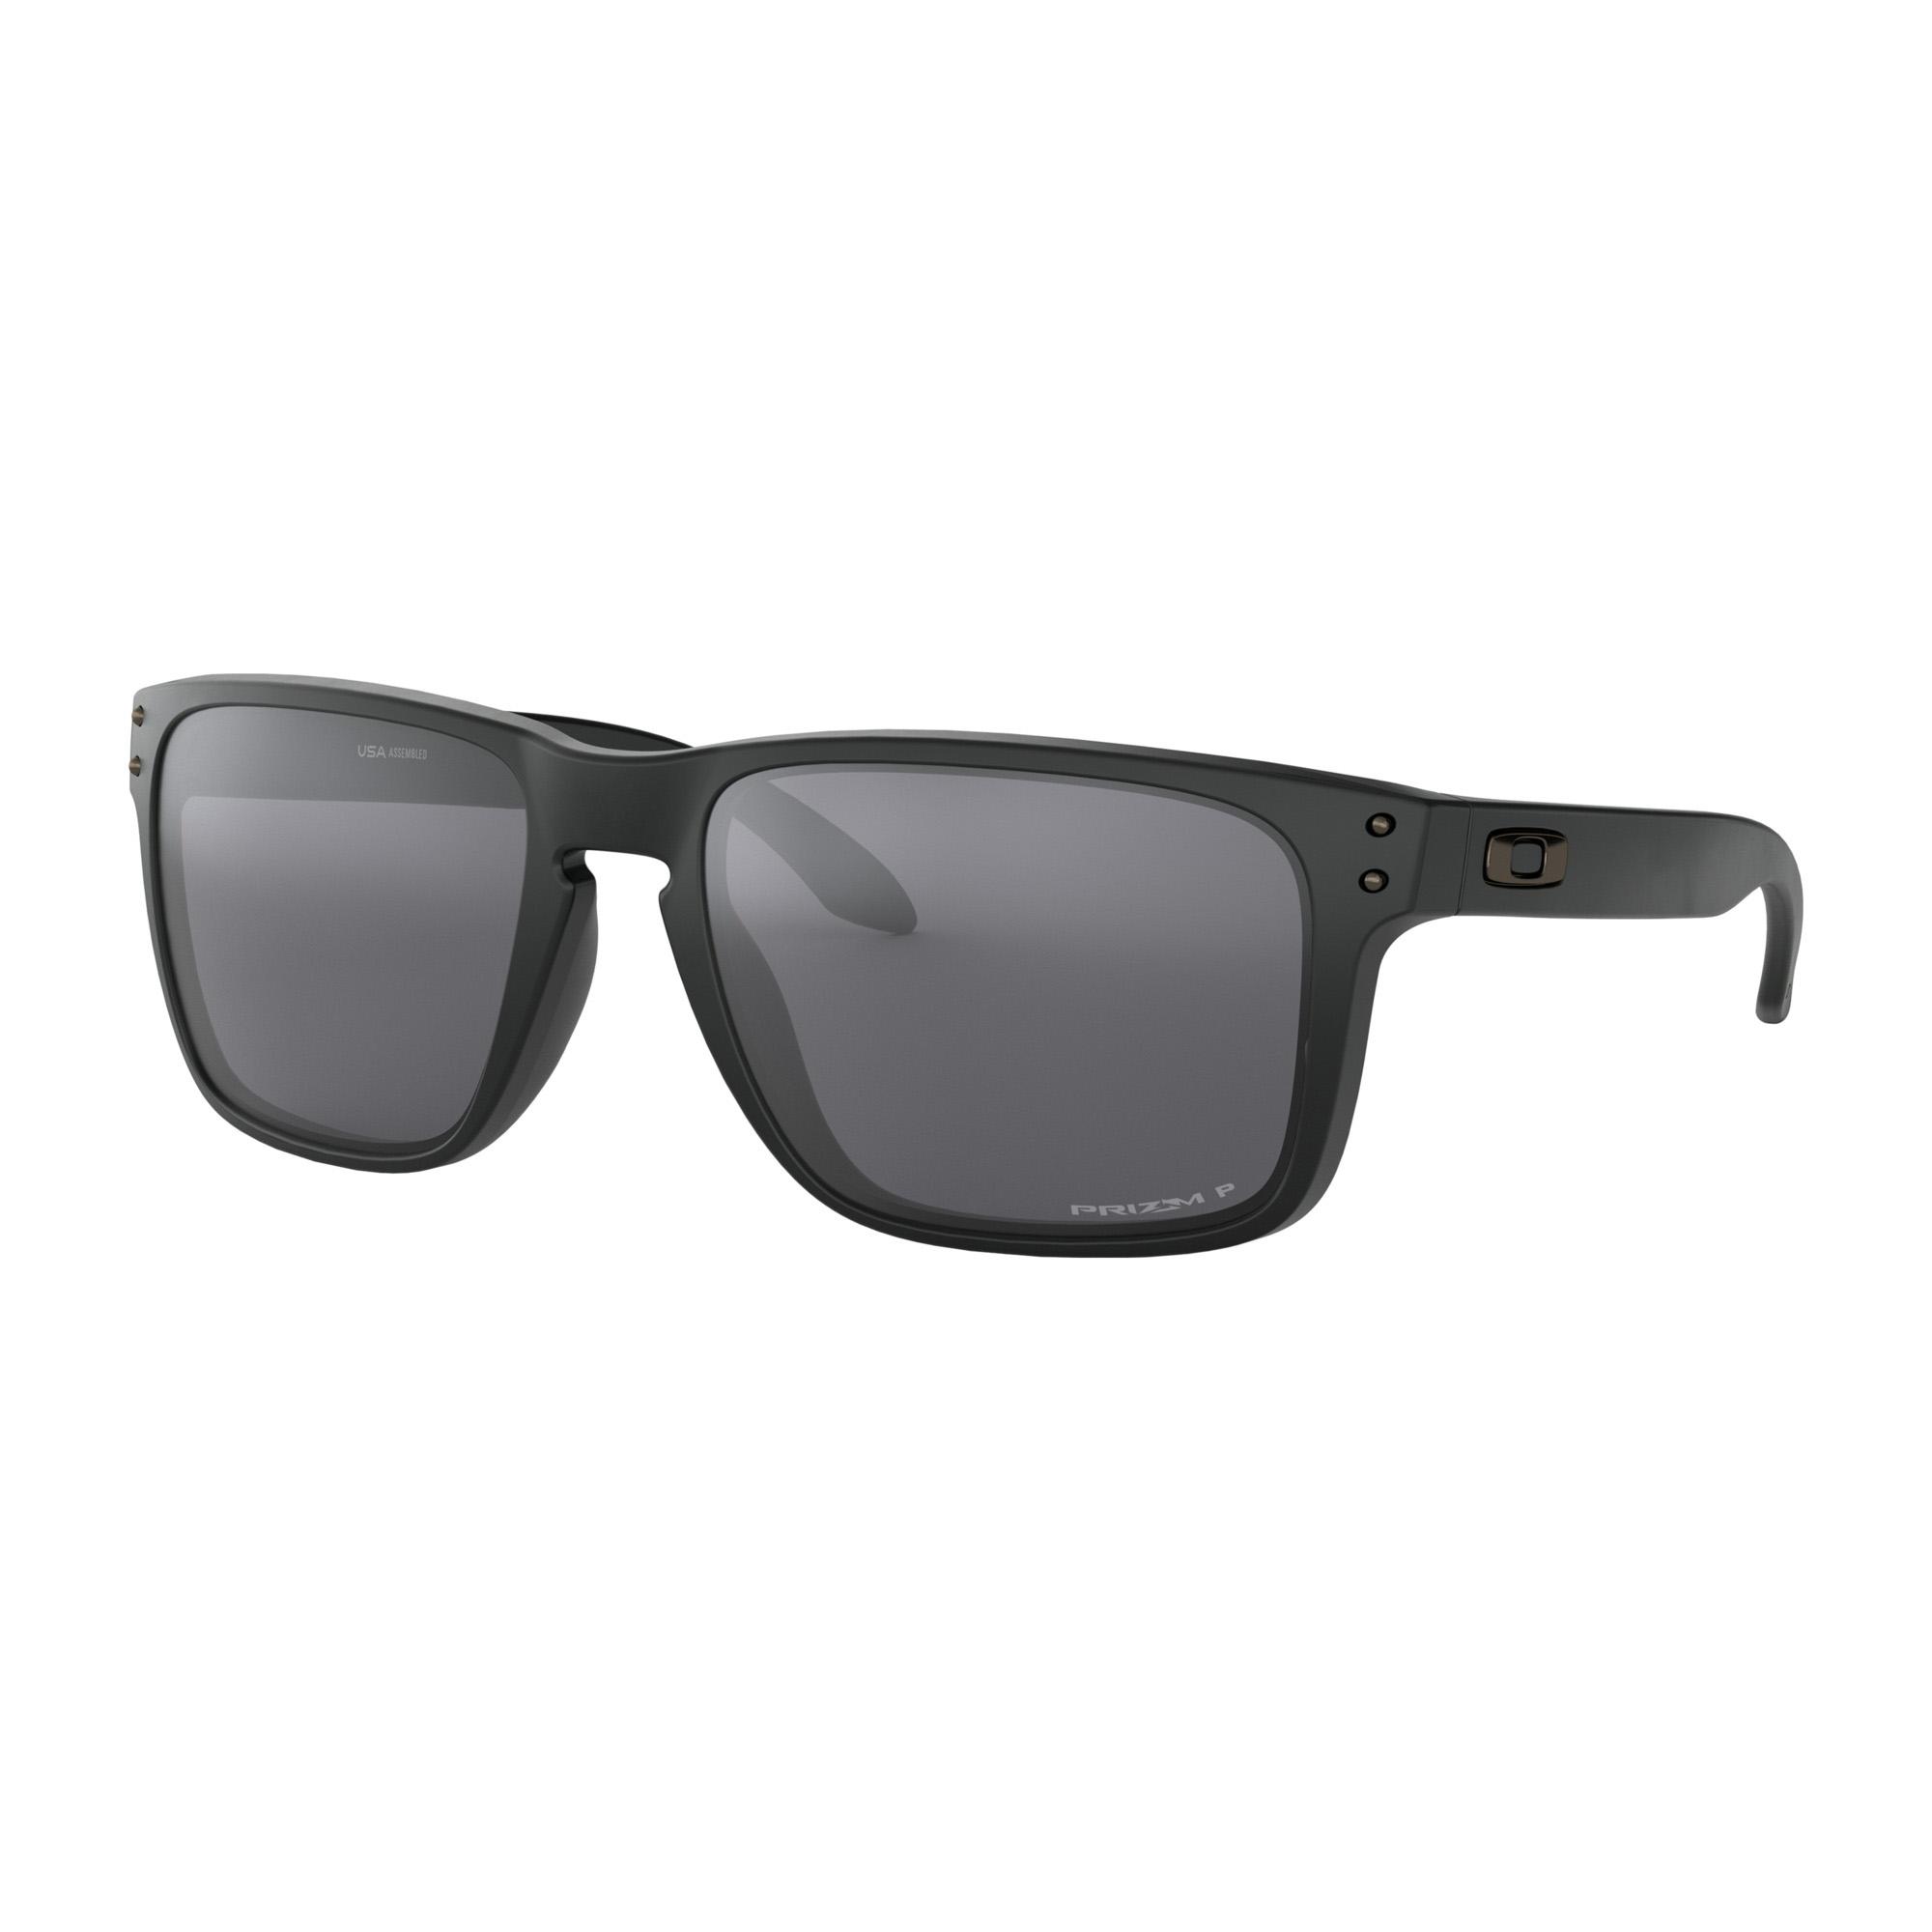 Oakley Sonnenbrille Holbrook Matte Black / Ruby Iridium Polarized Brillenfassung - Lifestylebrillen jKCo5rFo,